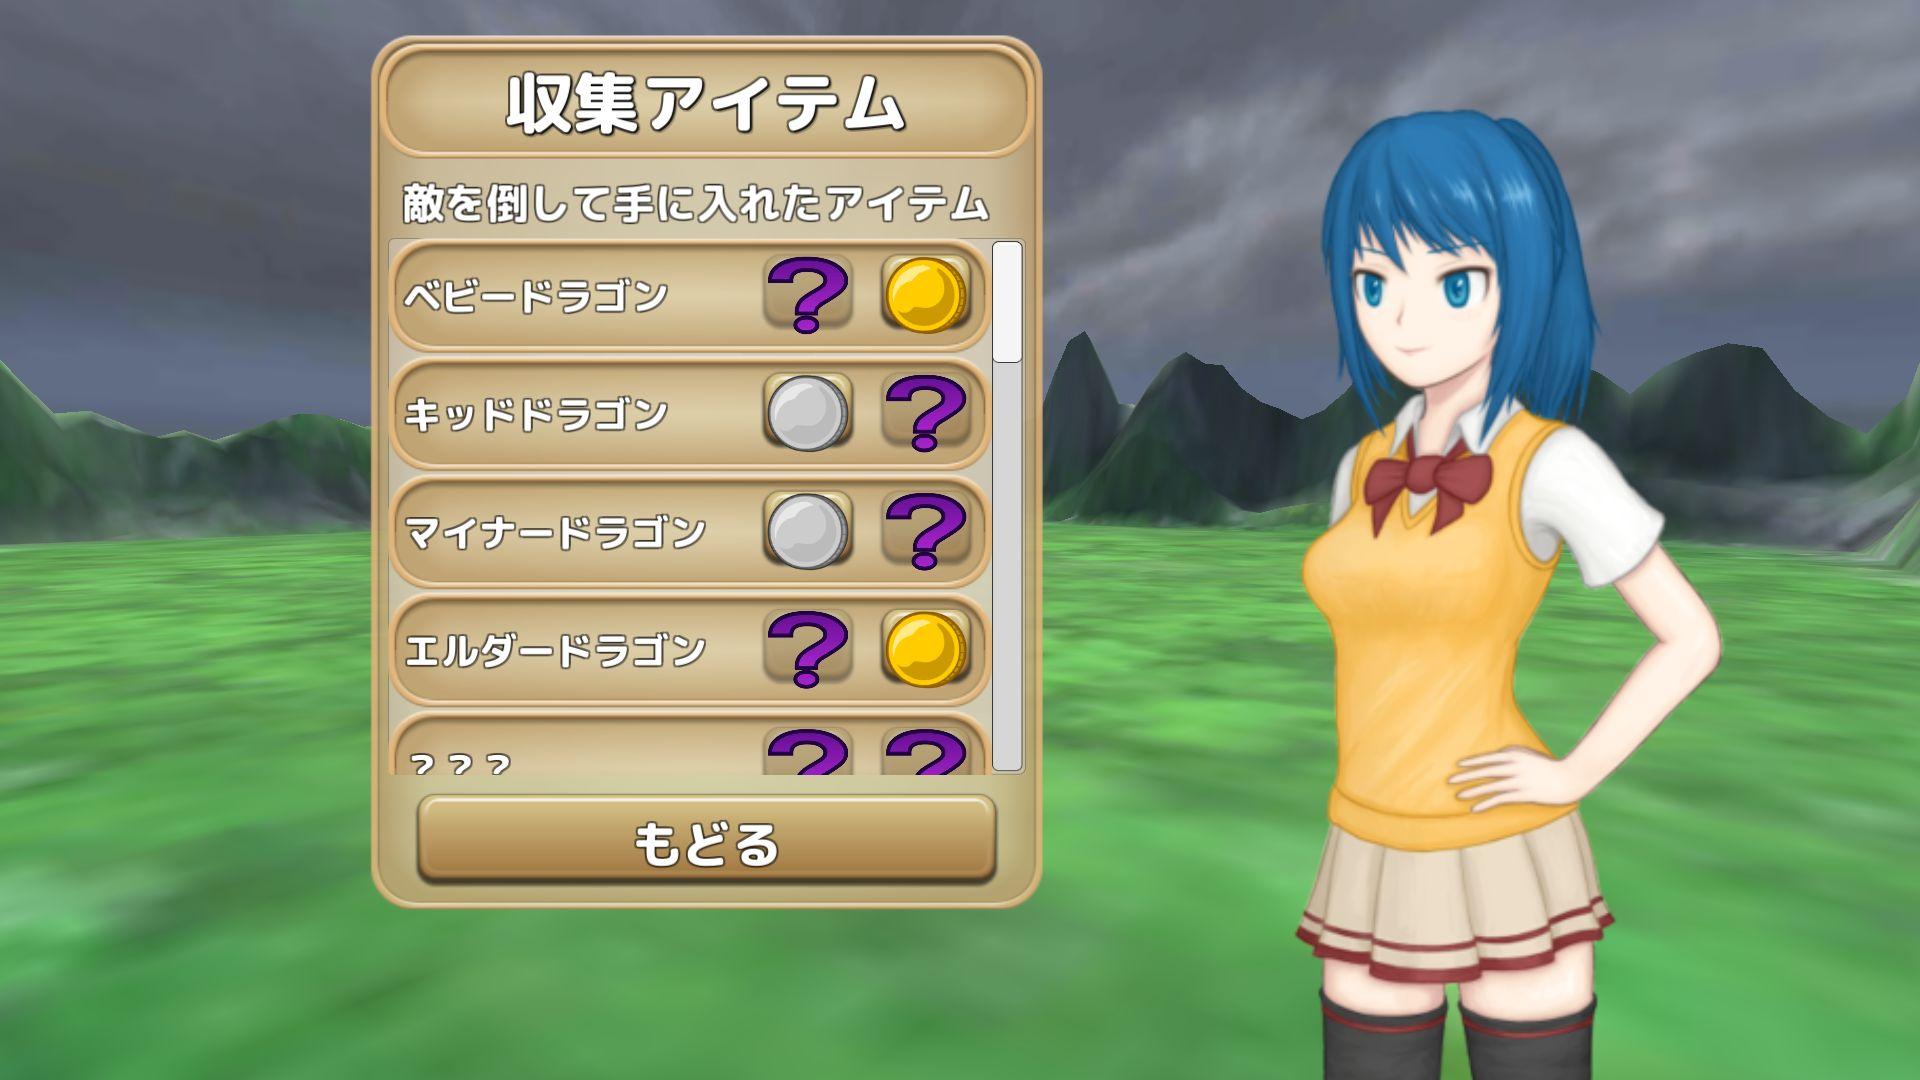 androidアプリ 素手でドラゴンを倒す少女攻略スクリーンショット5